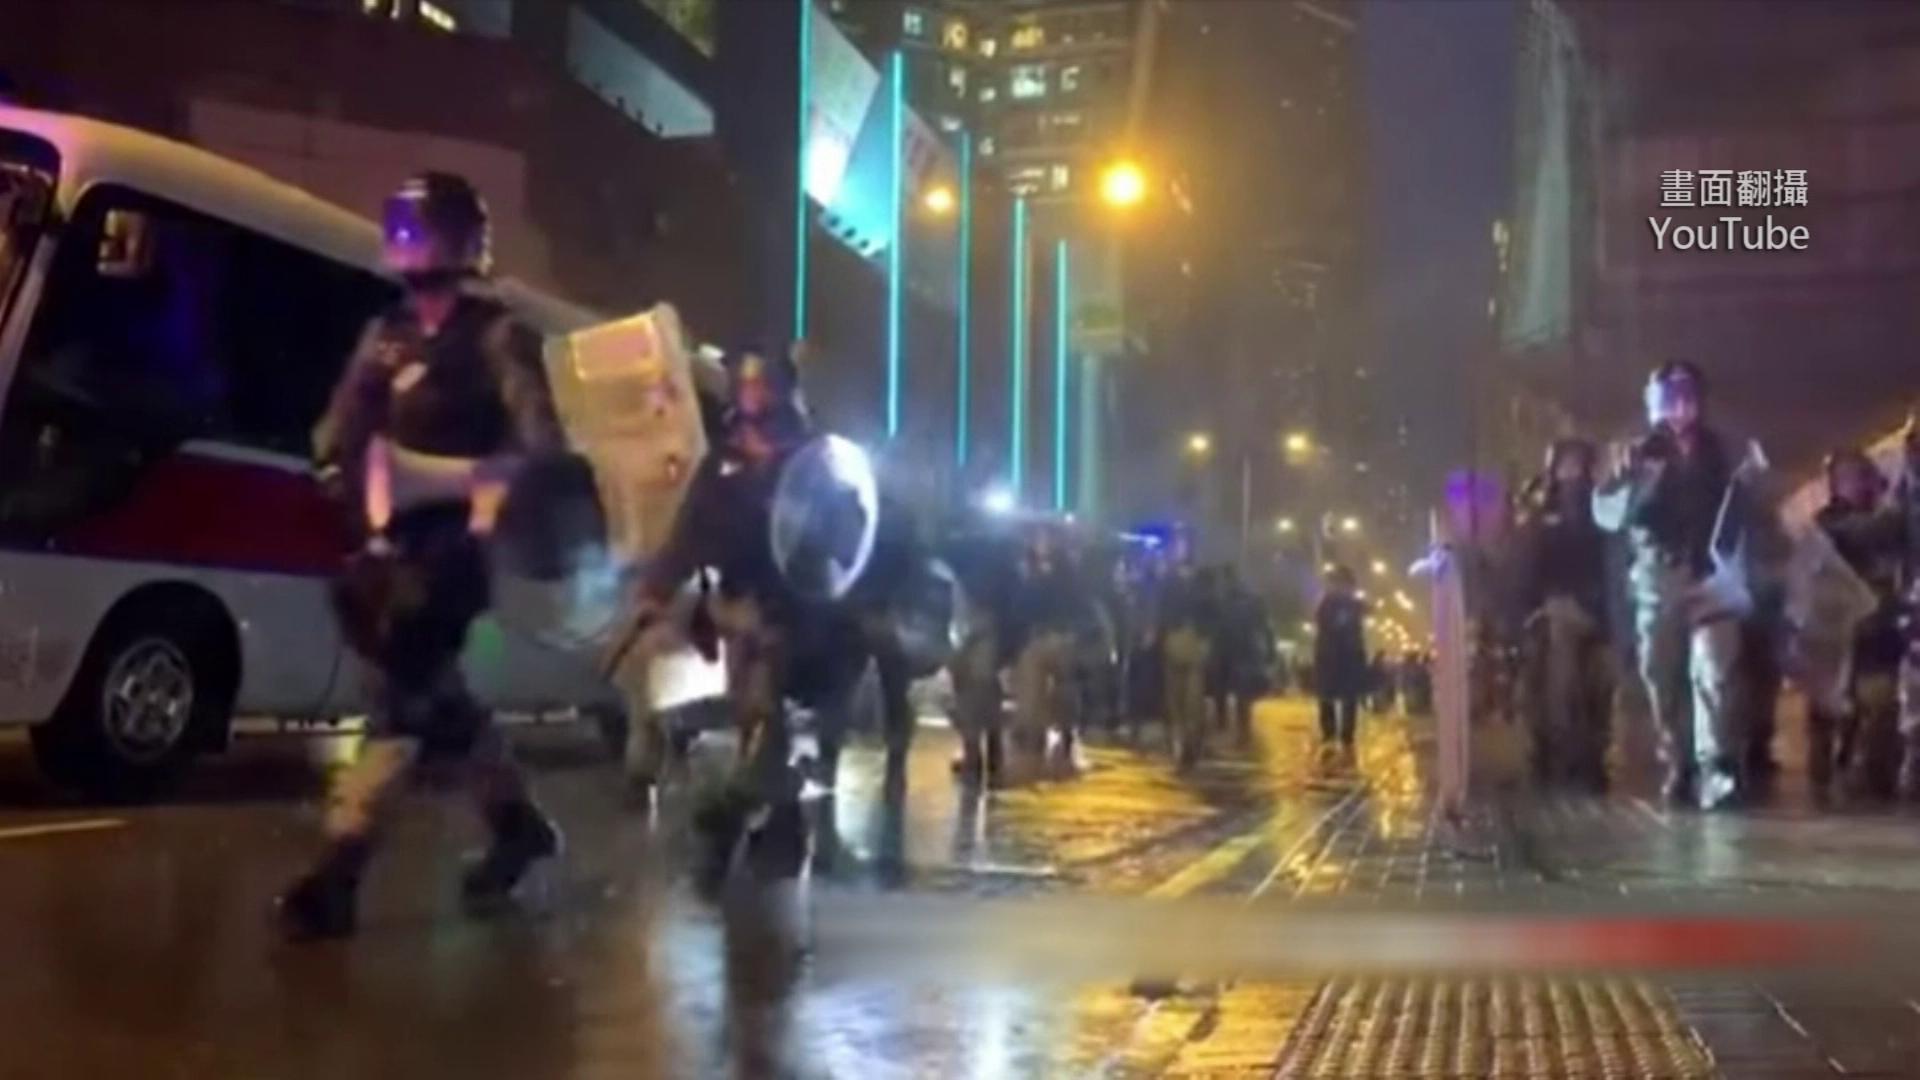 香港國安法風聲鶴唳!擬開設「告密專線」鼓勵舉報